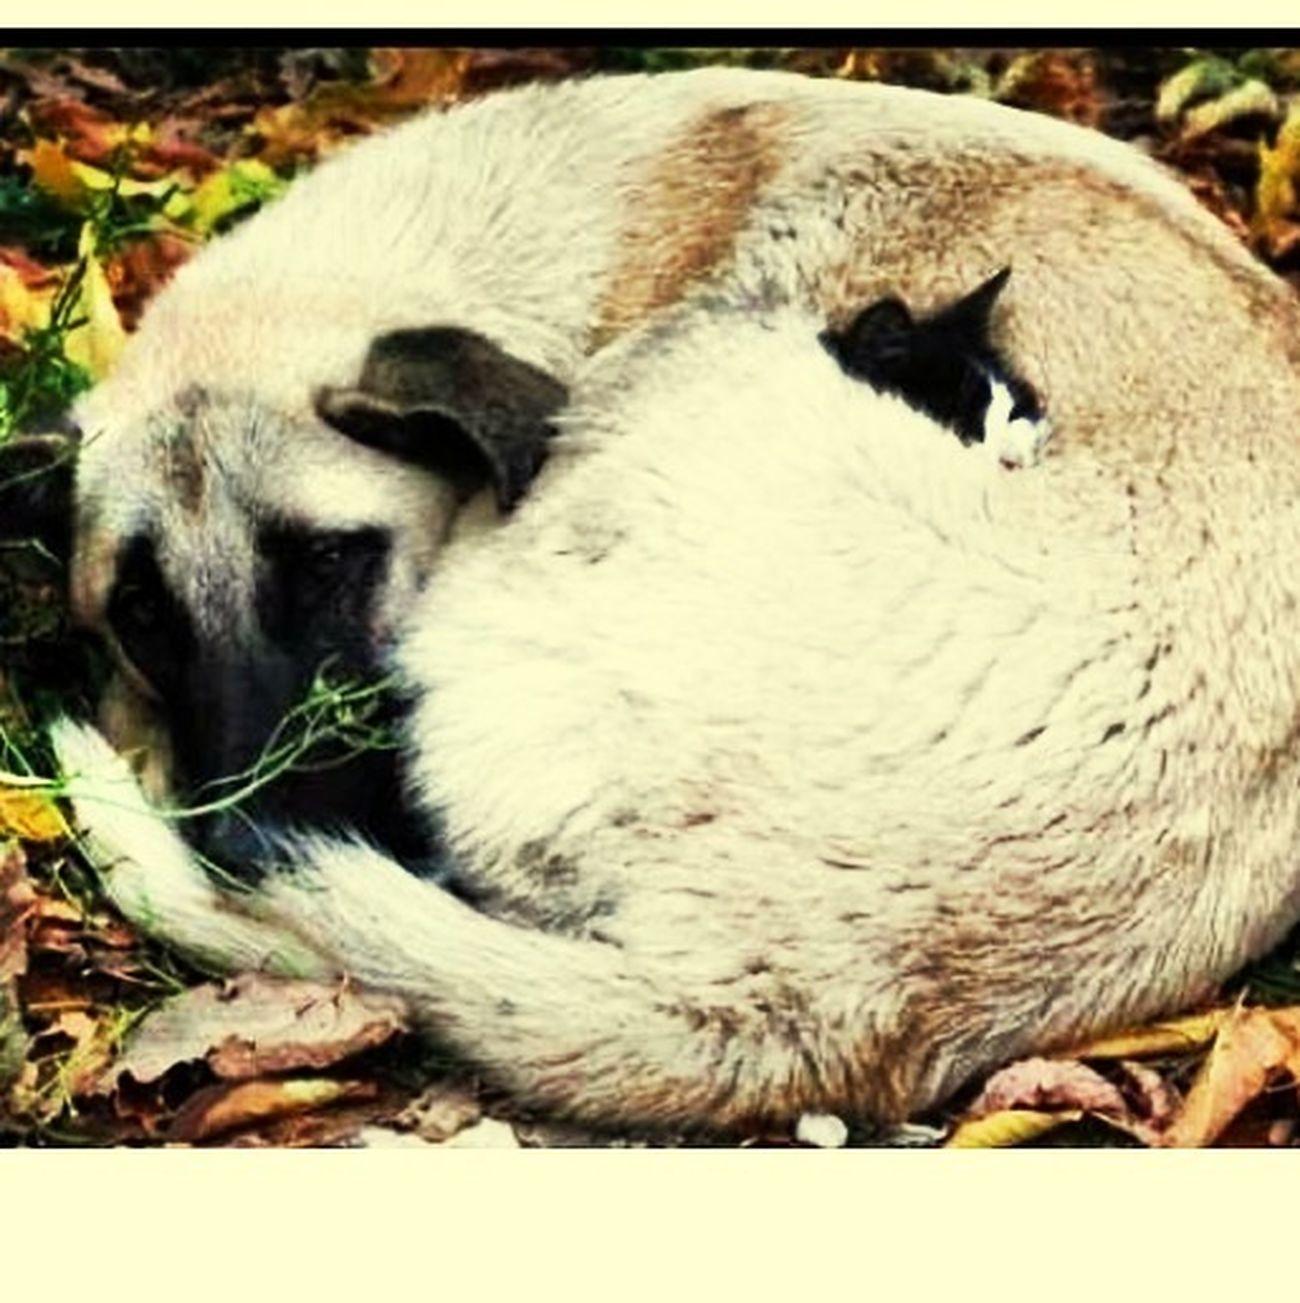 In Diesem Bild Ist Eine Katze Versteckt Findest Du Sie